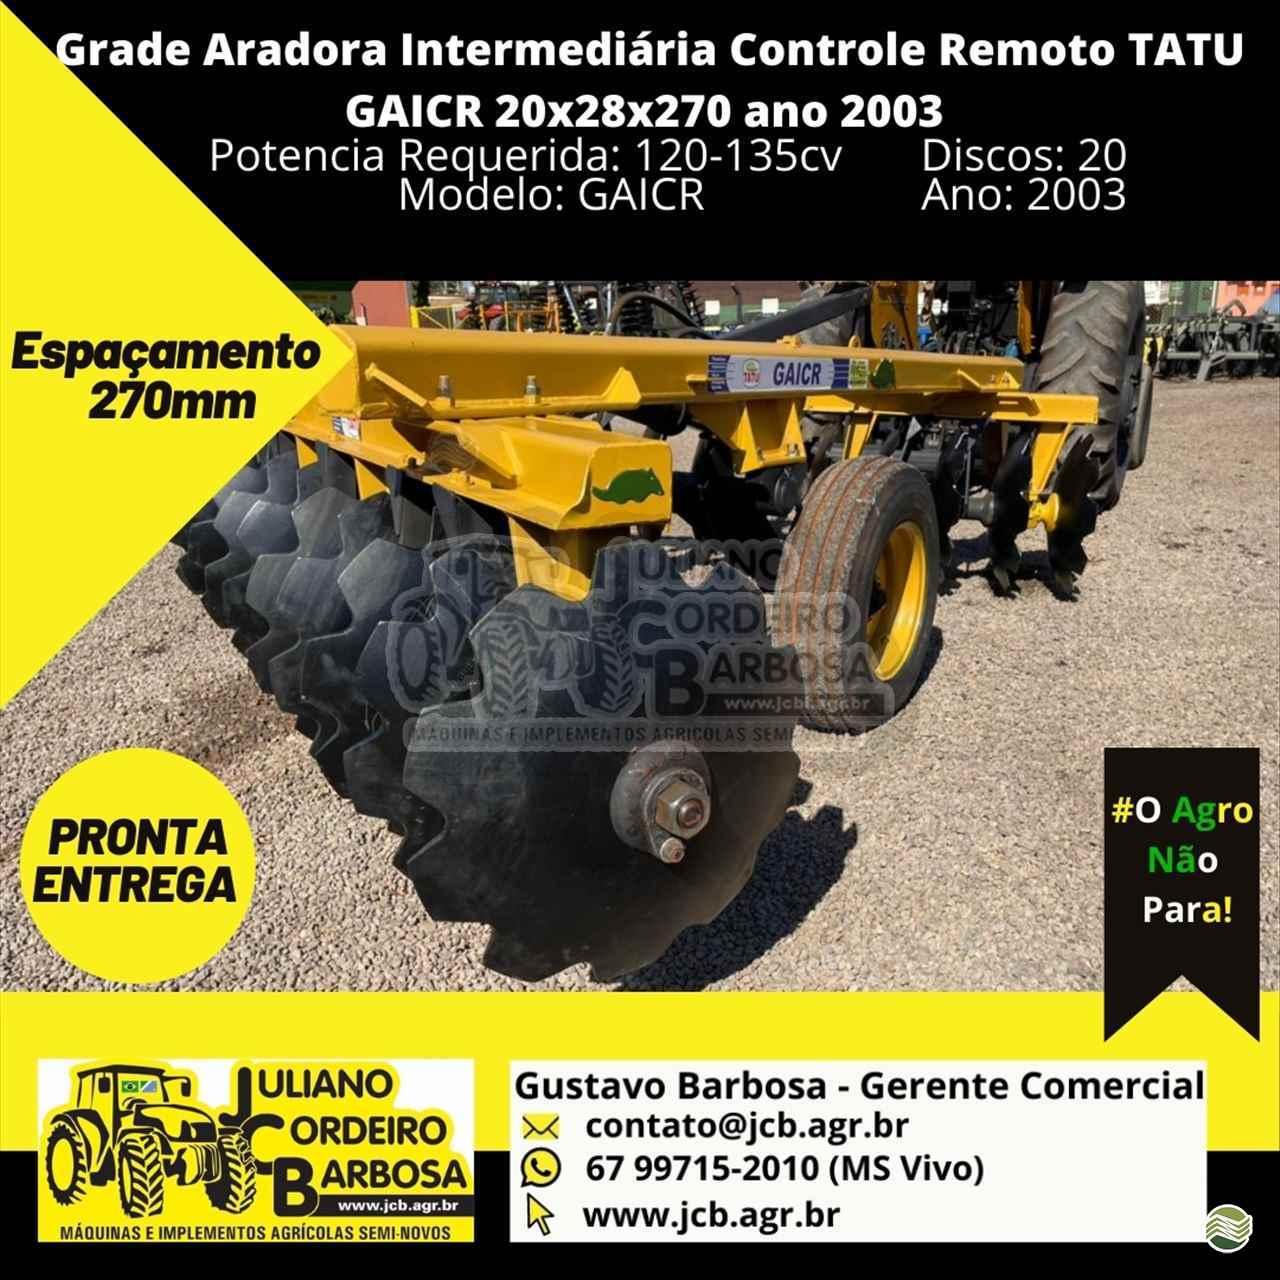 IMPLEMENTOS AGRICOLAS GRADE INTERMEDIÁRIA INTERMEDIÁRIA 20 DISCOS JCB Máquinas e Implementos Agrícolas MARACAJU MATO GROSSO DO SUL MS